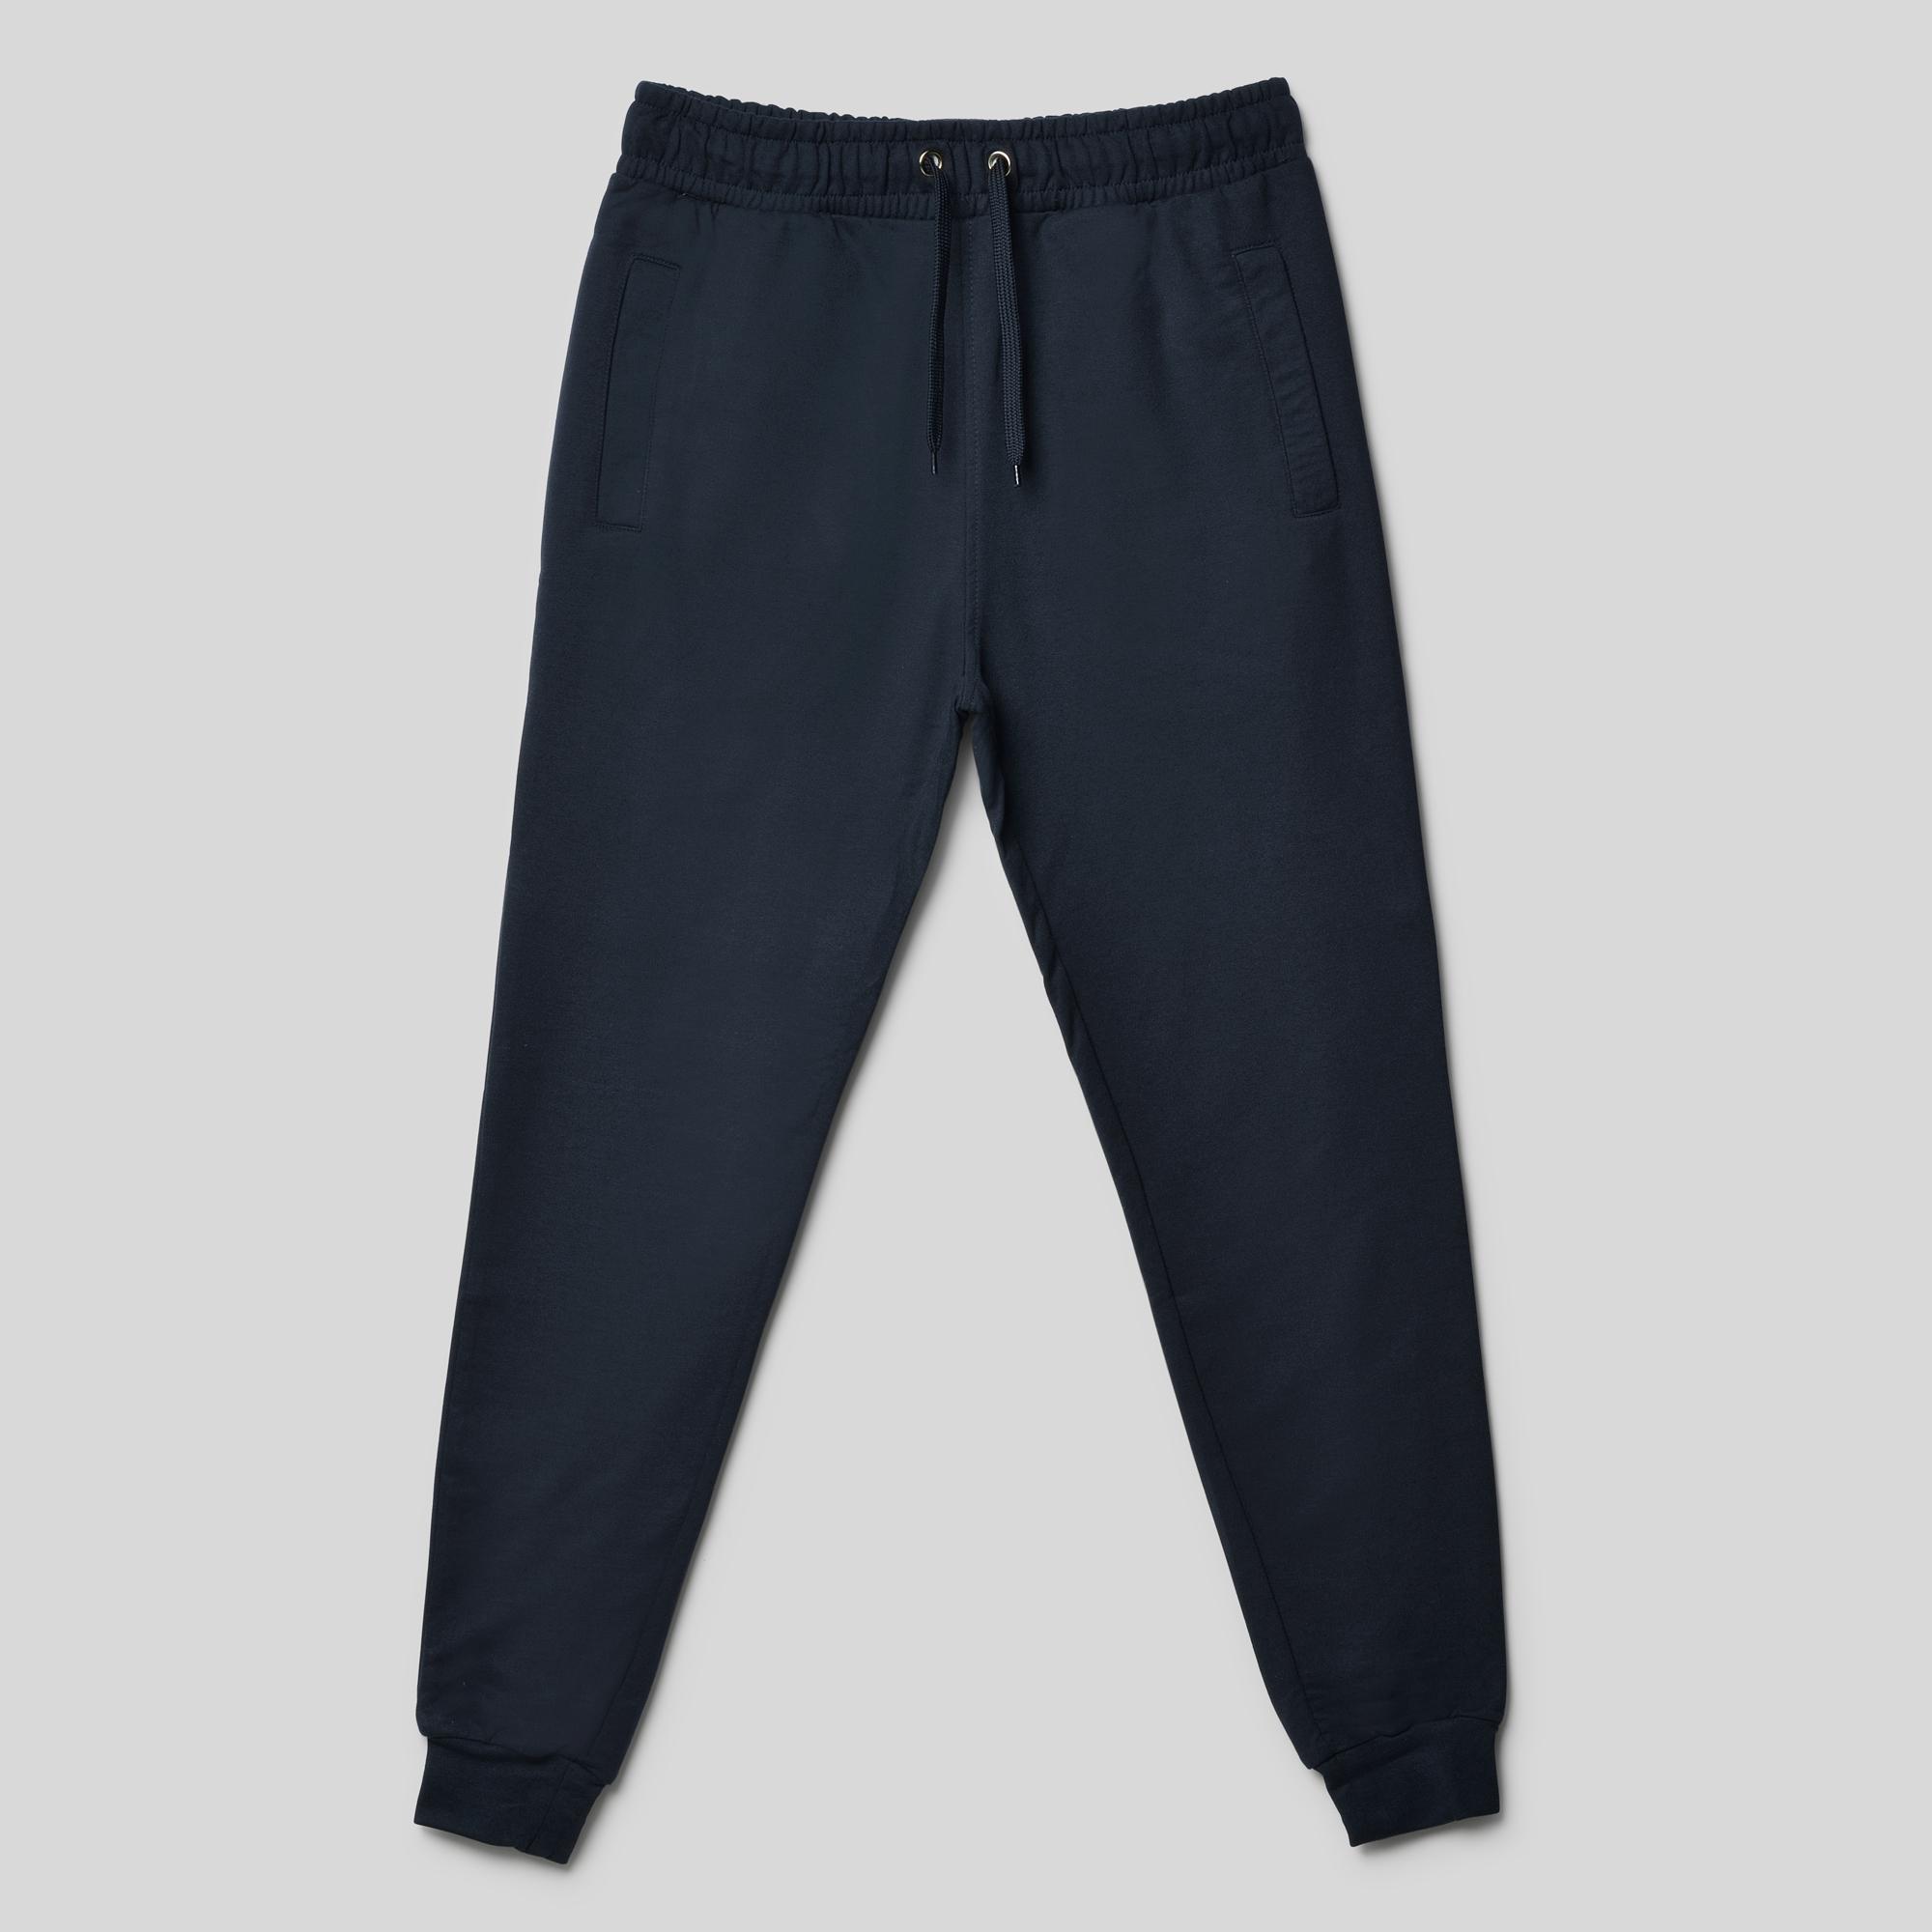 ab33b9d2a7 Pantalones y Baño cortos largos